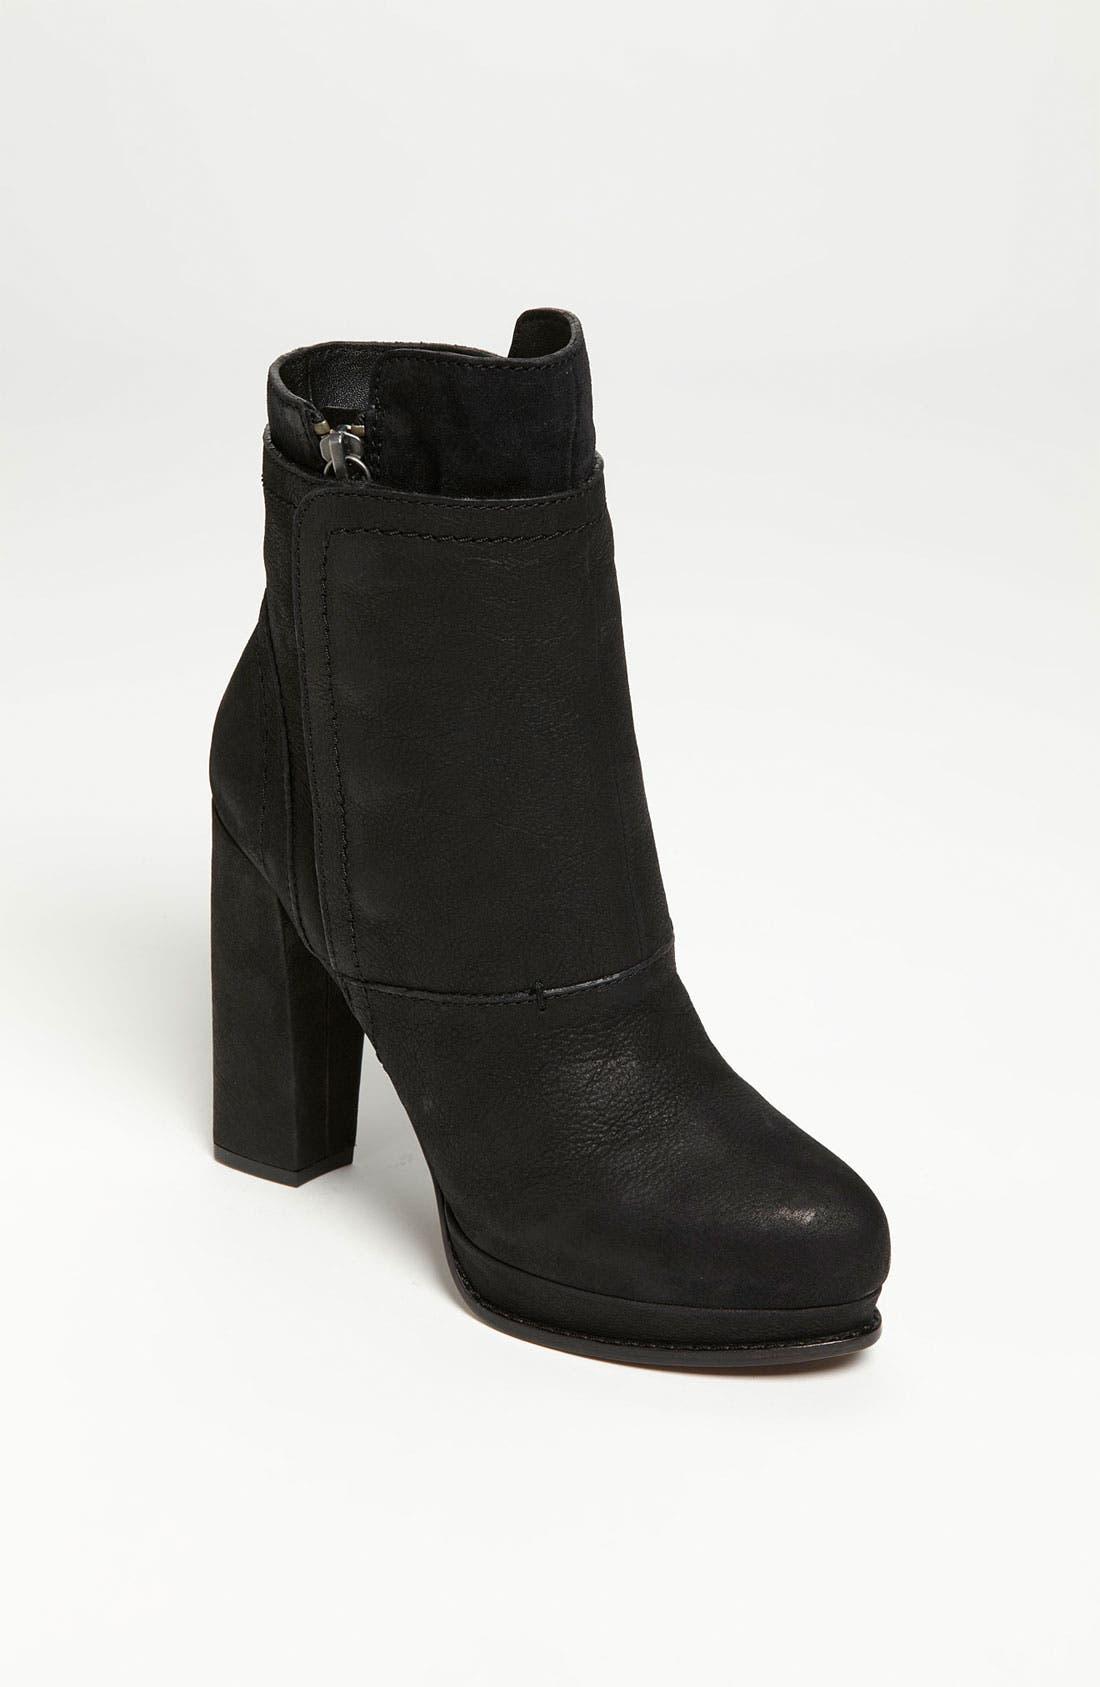 Main Image - Vera Wang Footwear 'Marilyn' Boot